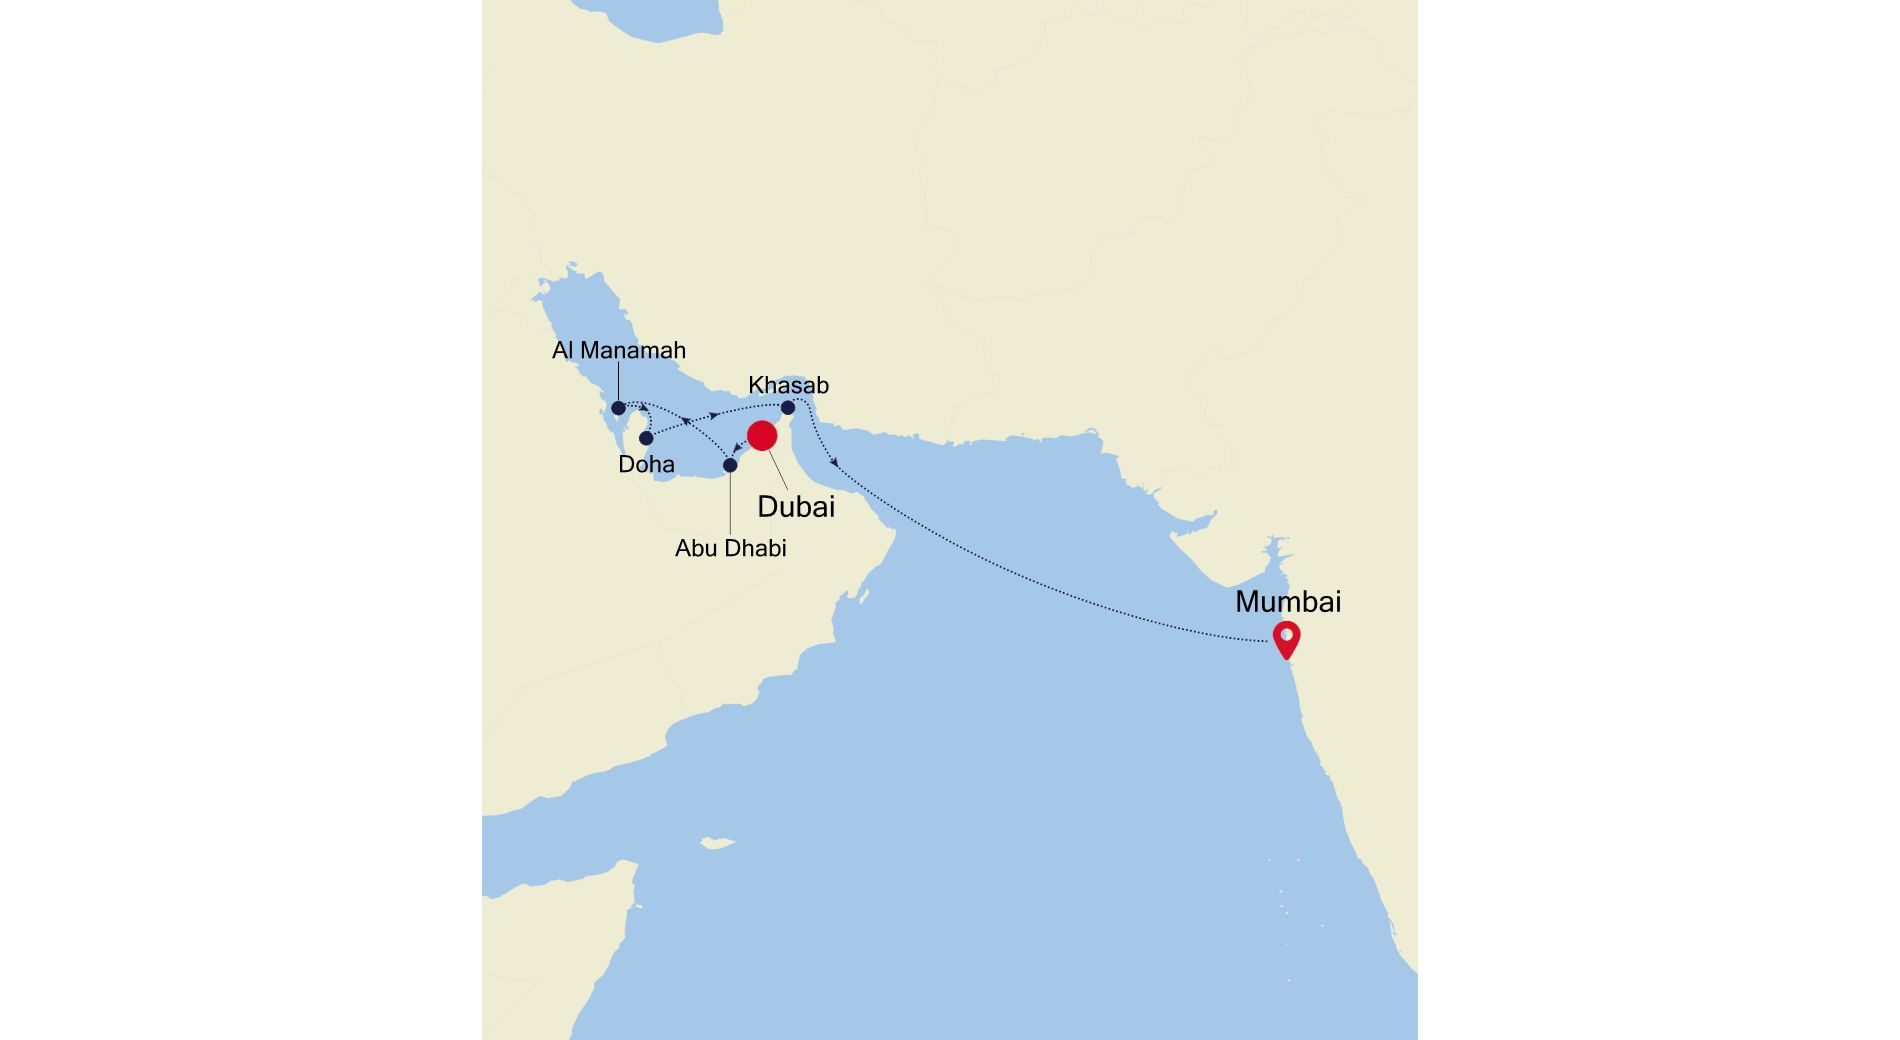 MO211117009 - Dubai à Mumbai